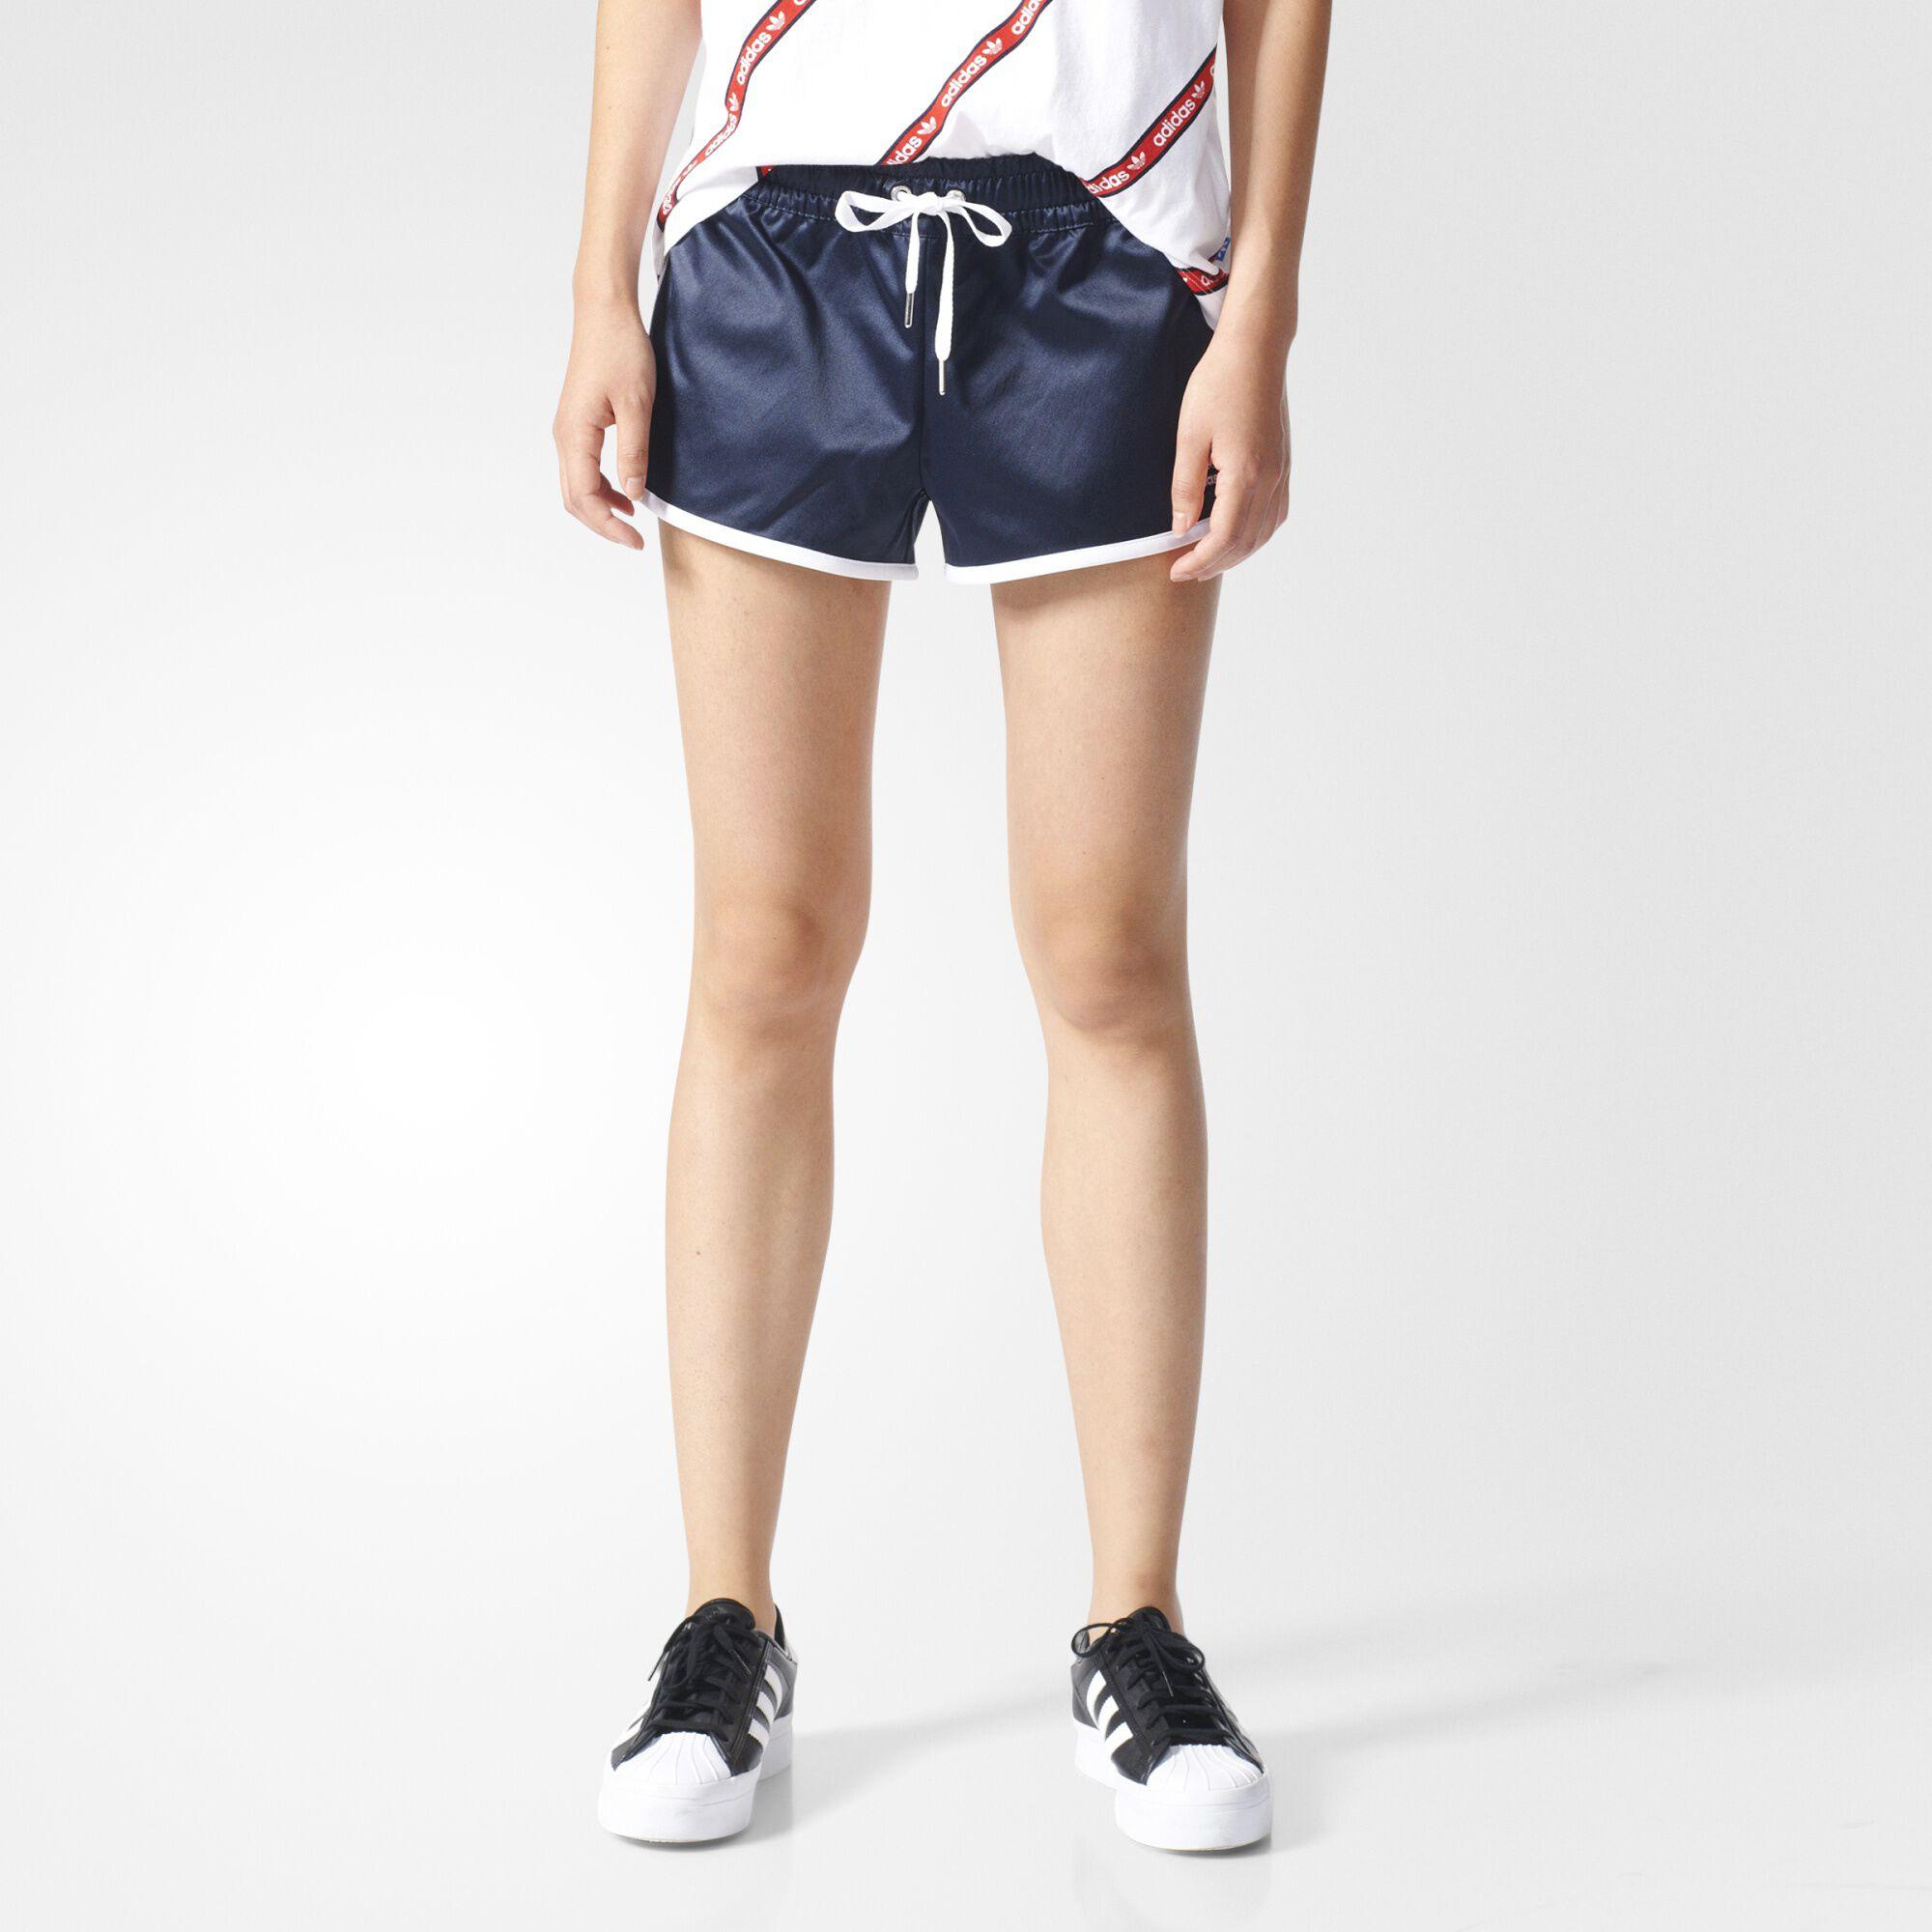 Plus Size Adidas Shorts